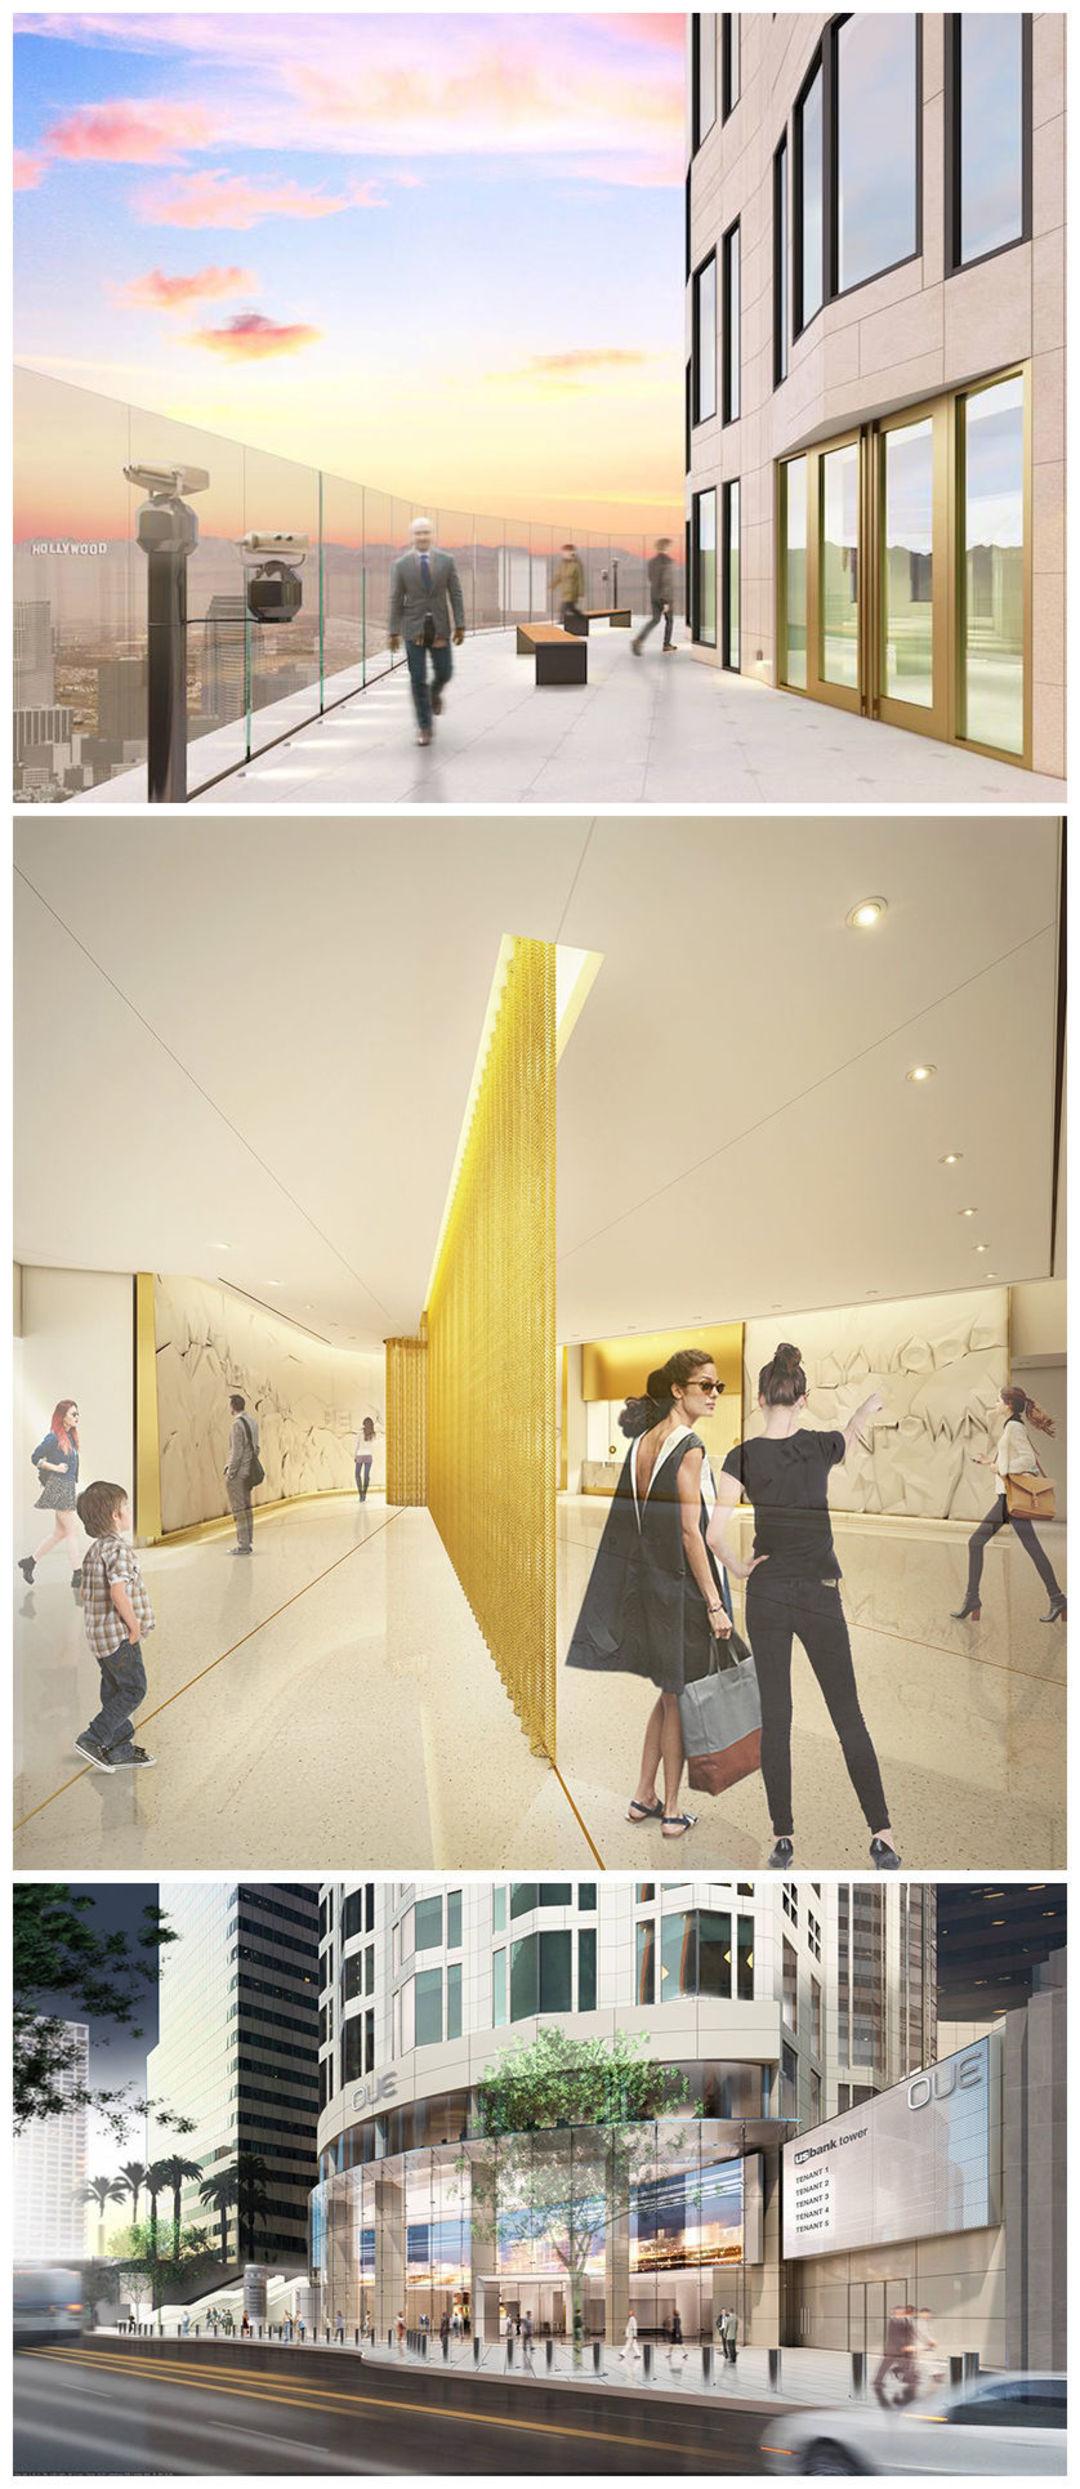 建在 70 层高处的玻璃滑梯,胆子大的你去试试吧_设计_好奇心日报